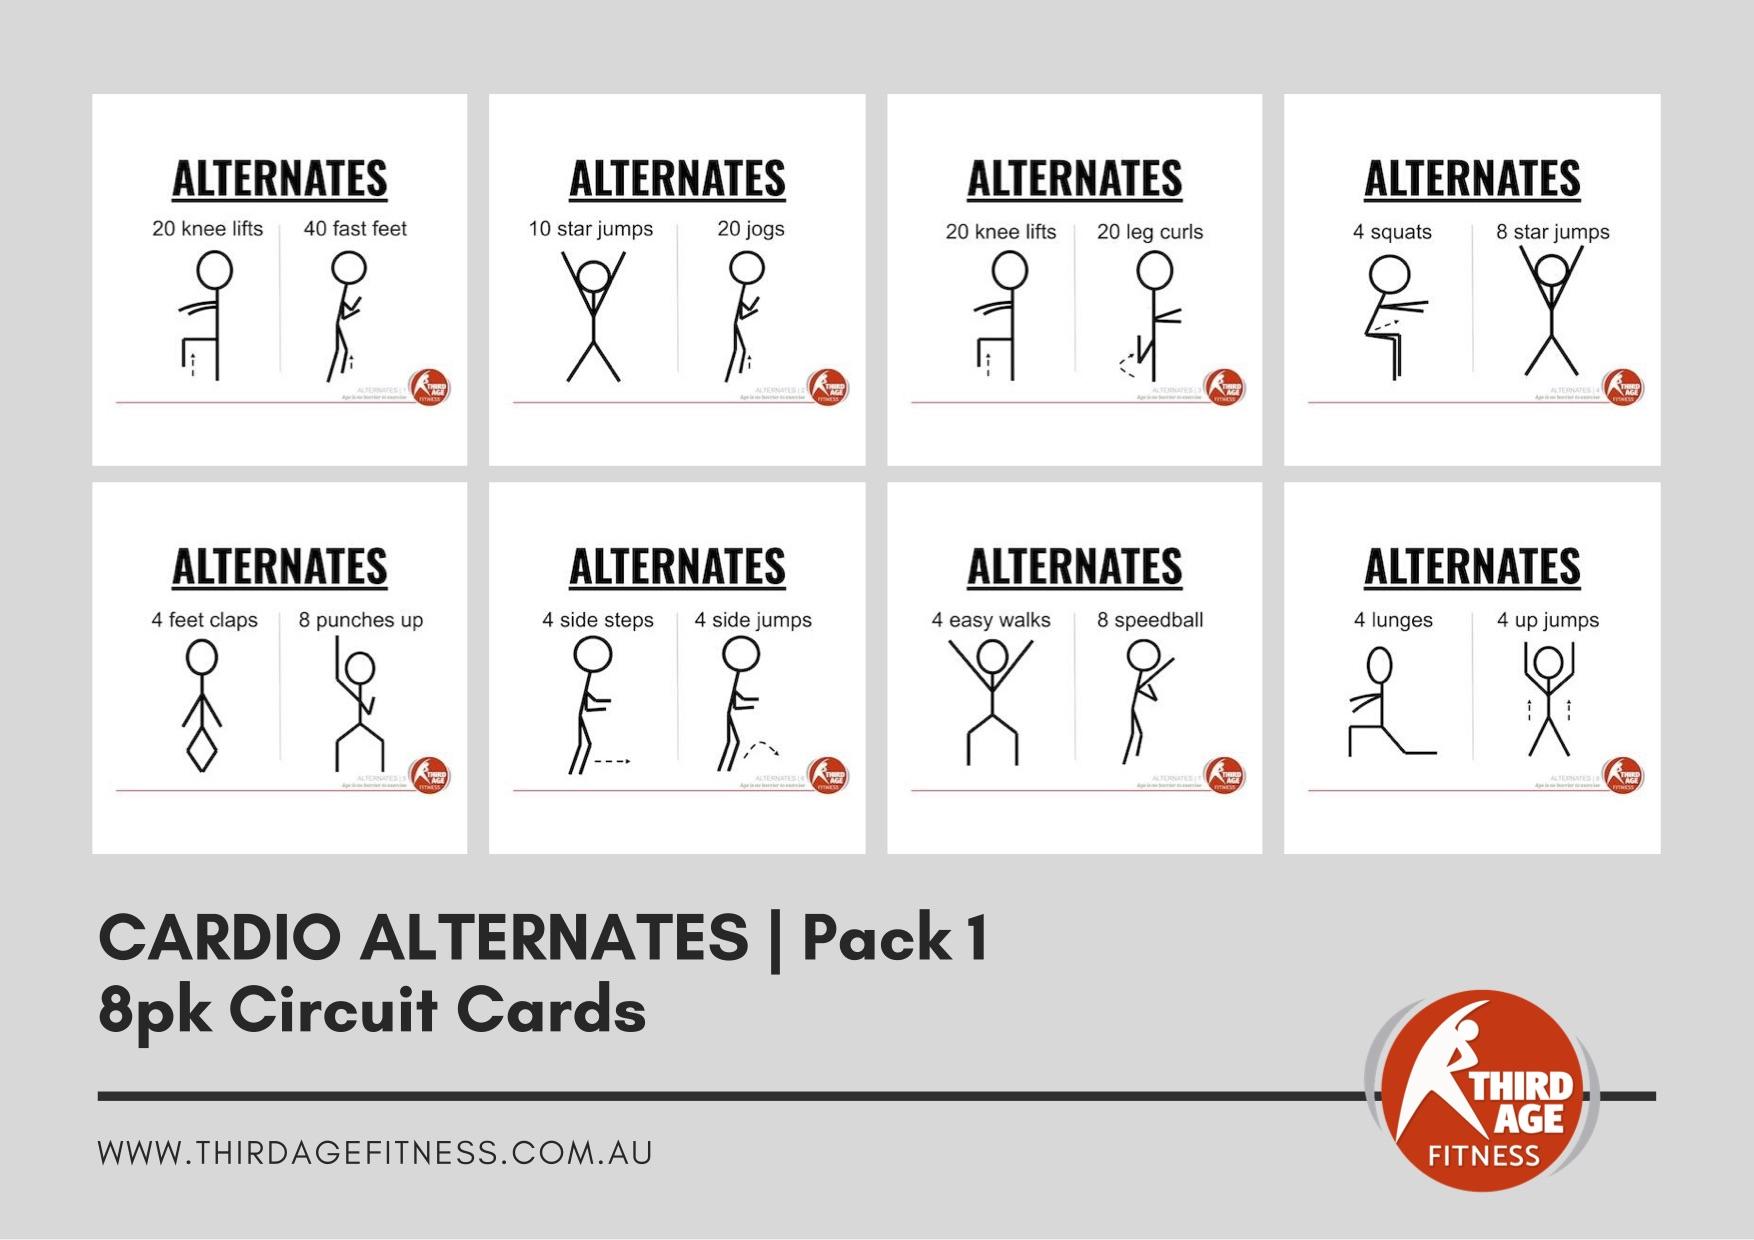 Circuit Cards - Cardio Alternates Pack 1